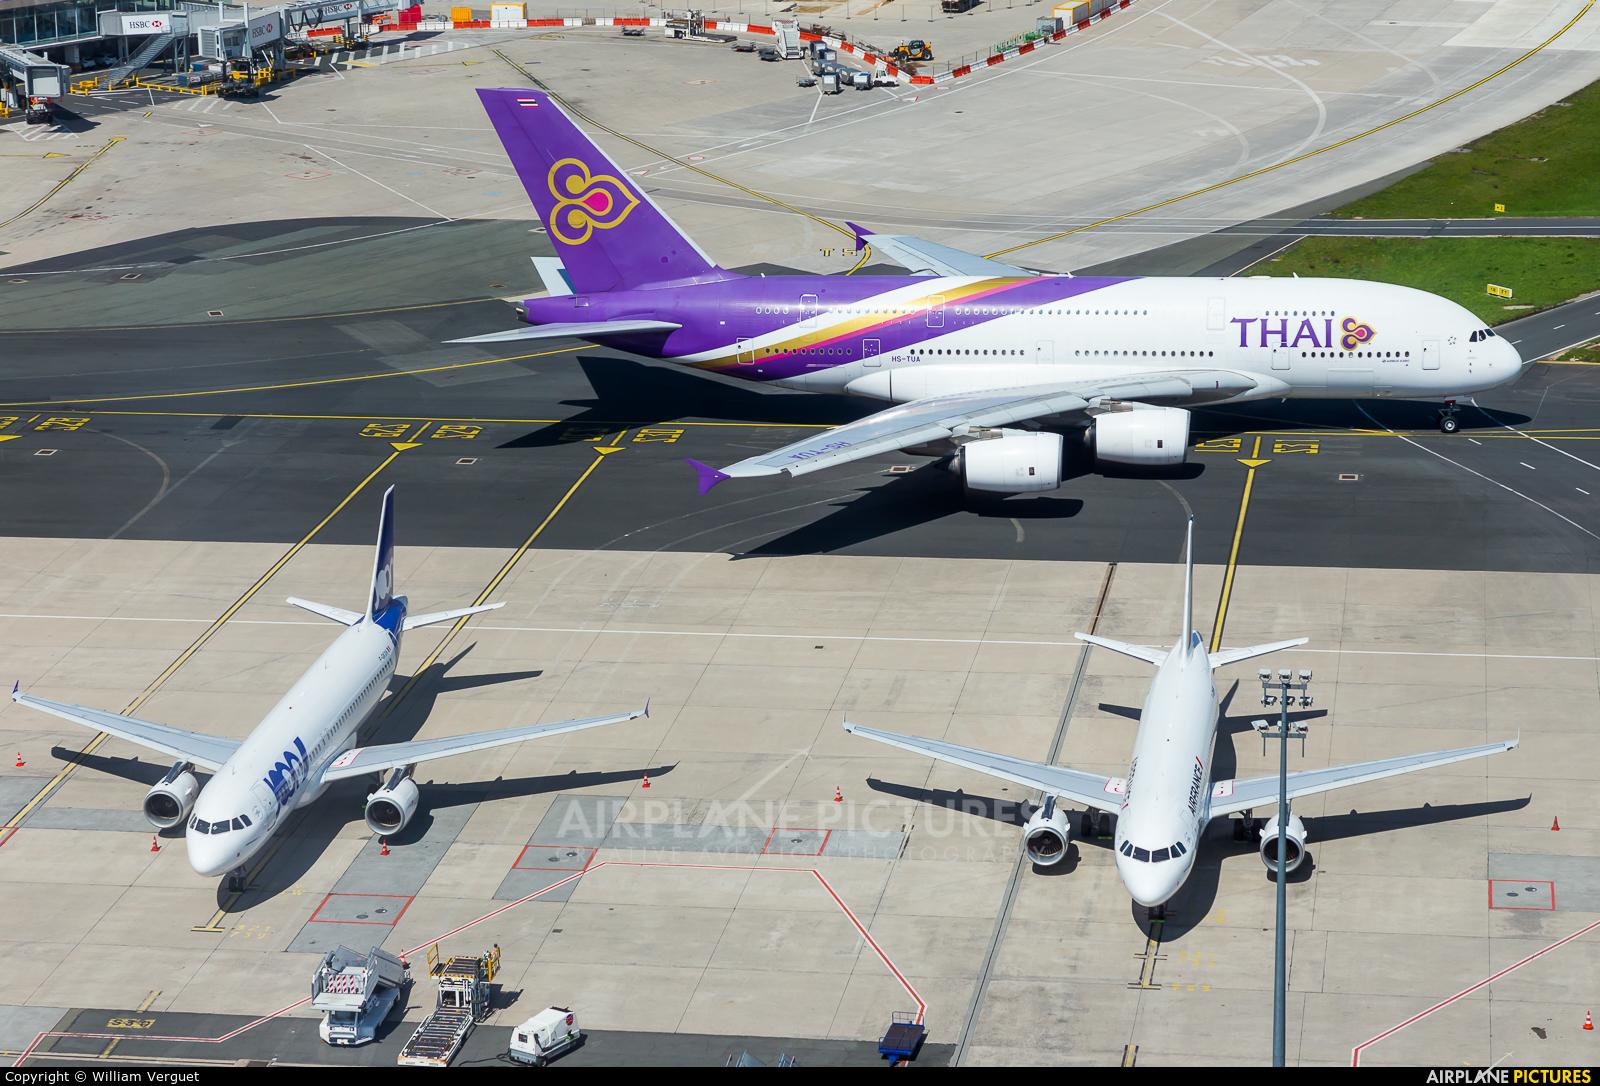 Thai Airways HS-TUA aircraft at Paris - Charles de Gaulle